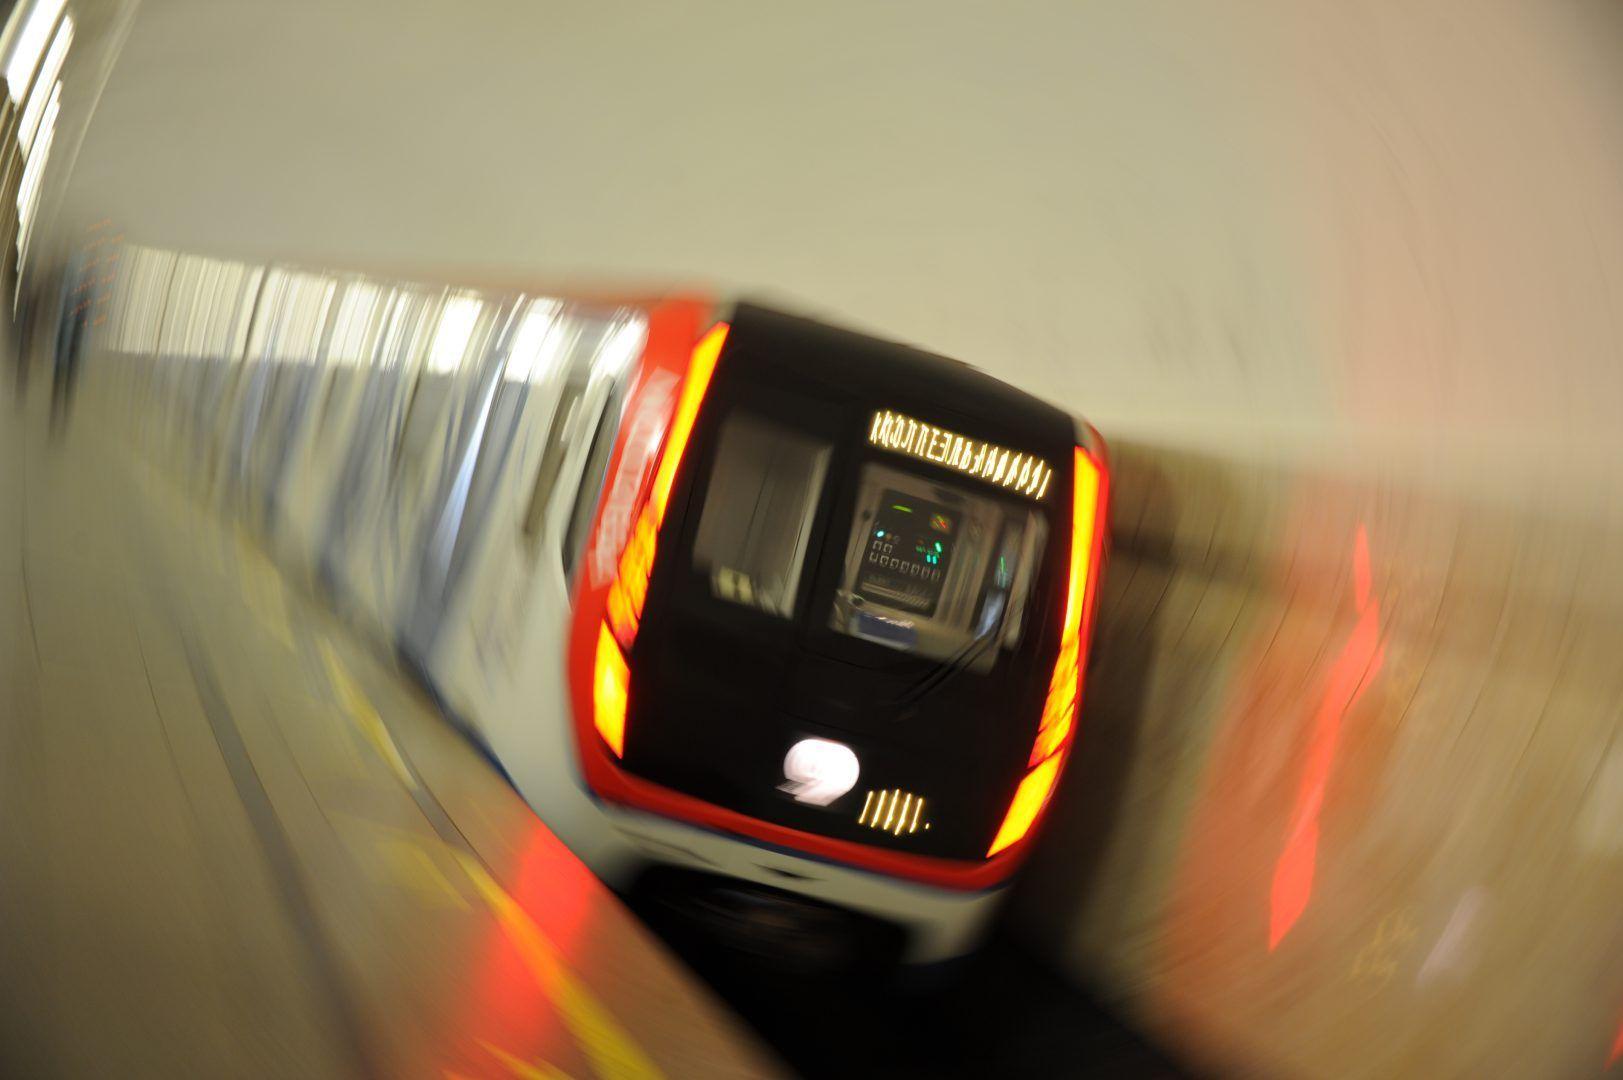 Новые тематические поезда начнут курсировать по Замоскворецкой линии.Фото: архив, «Вечерняя Москва»